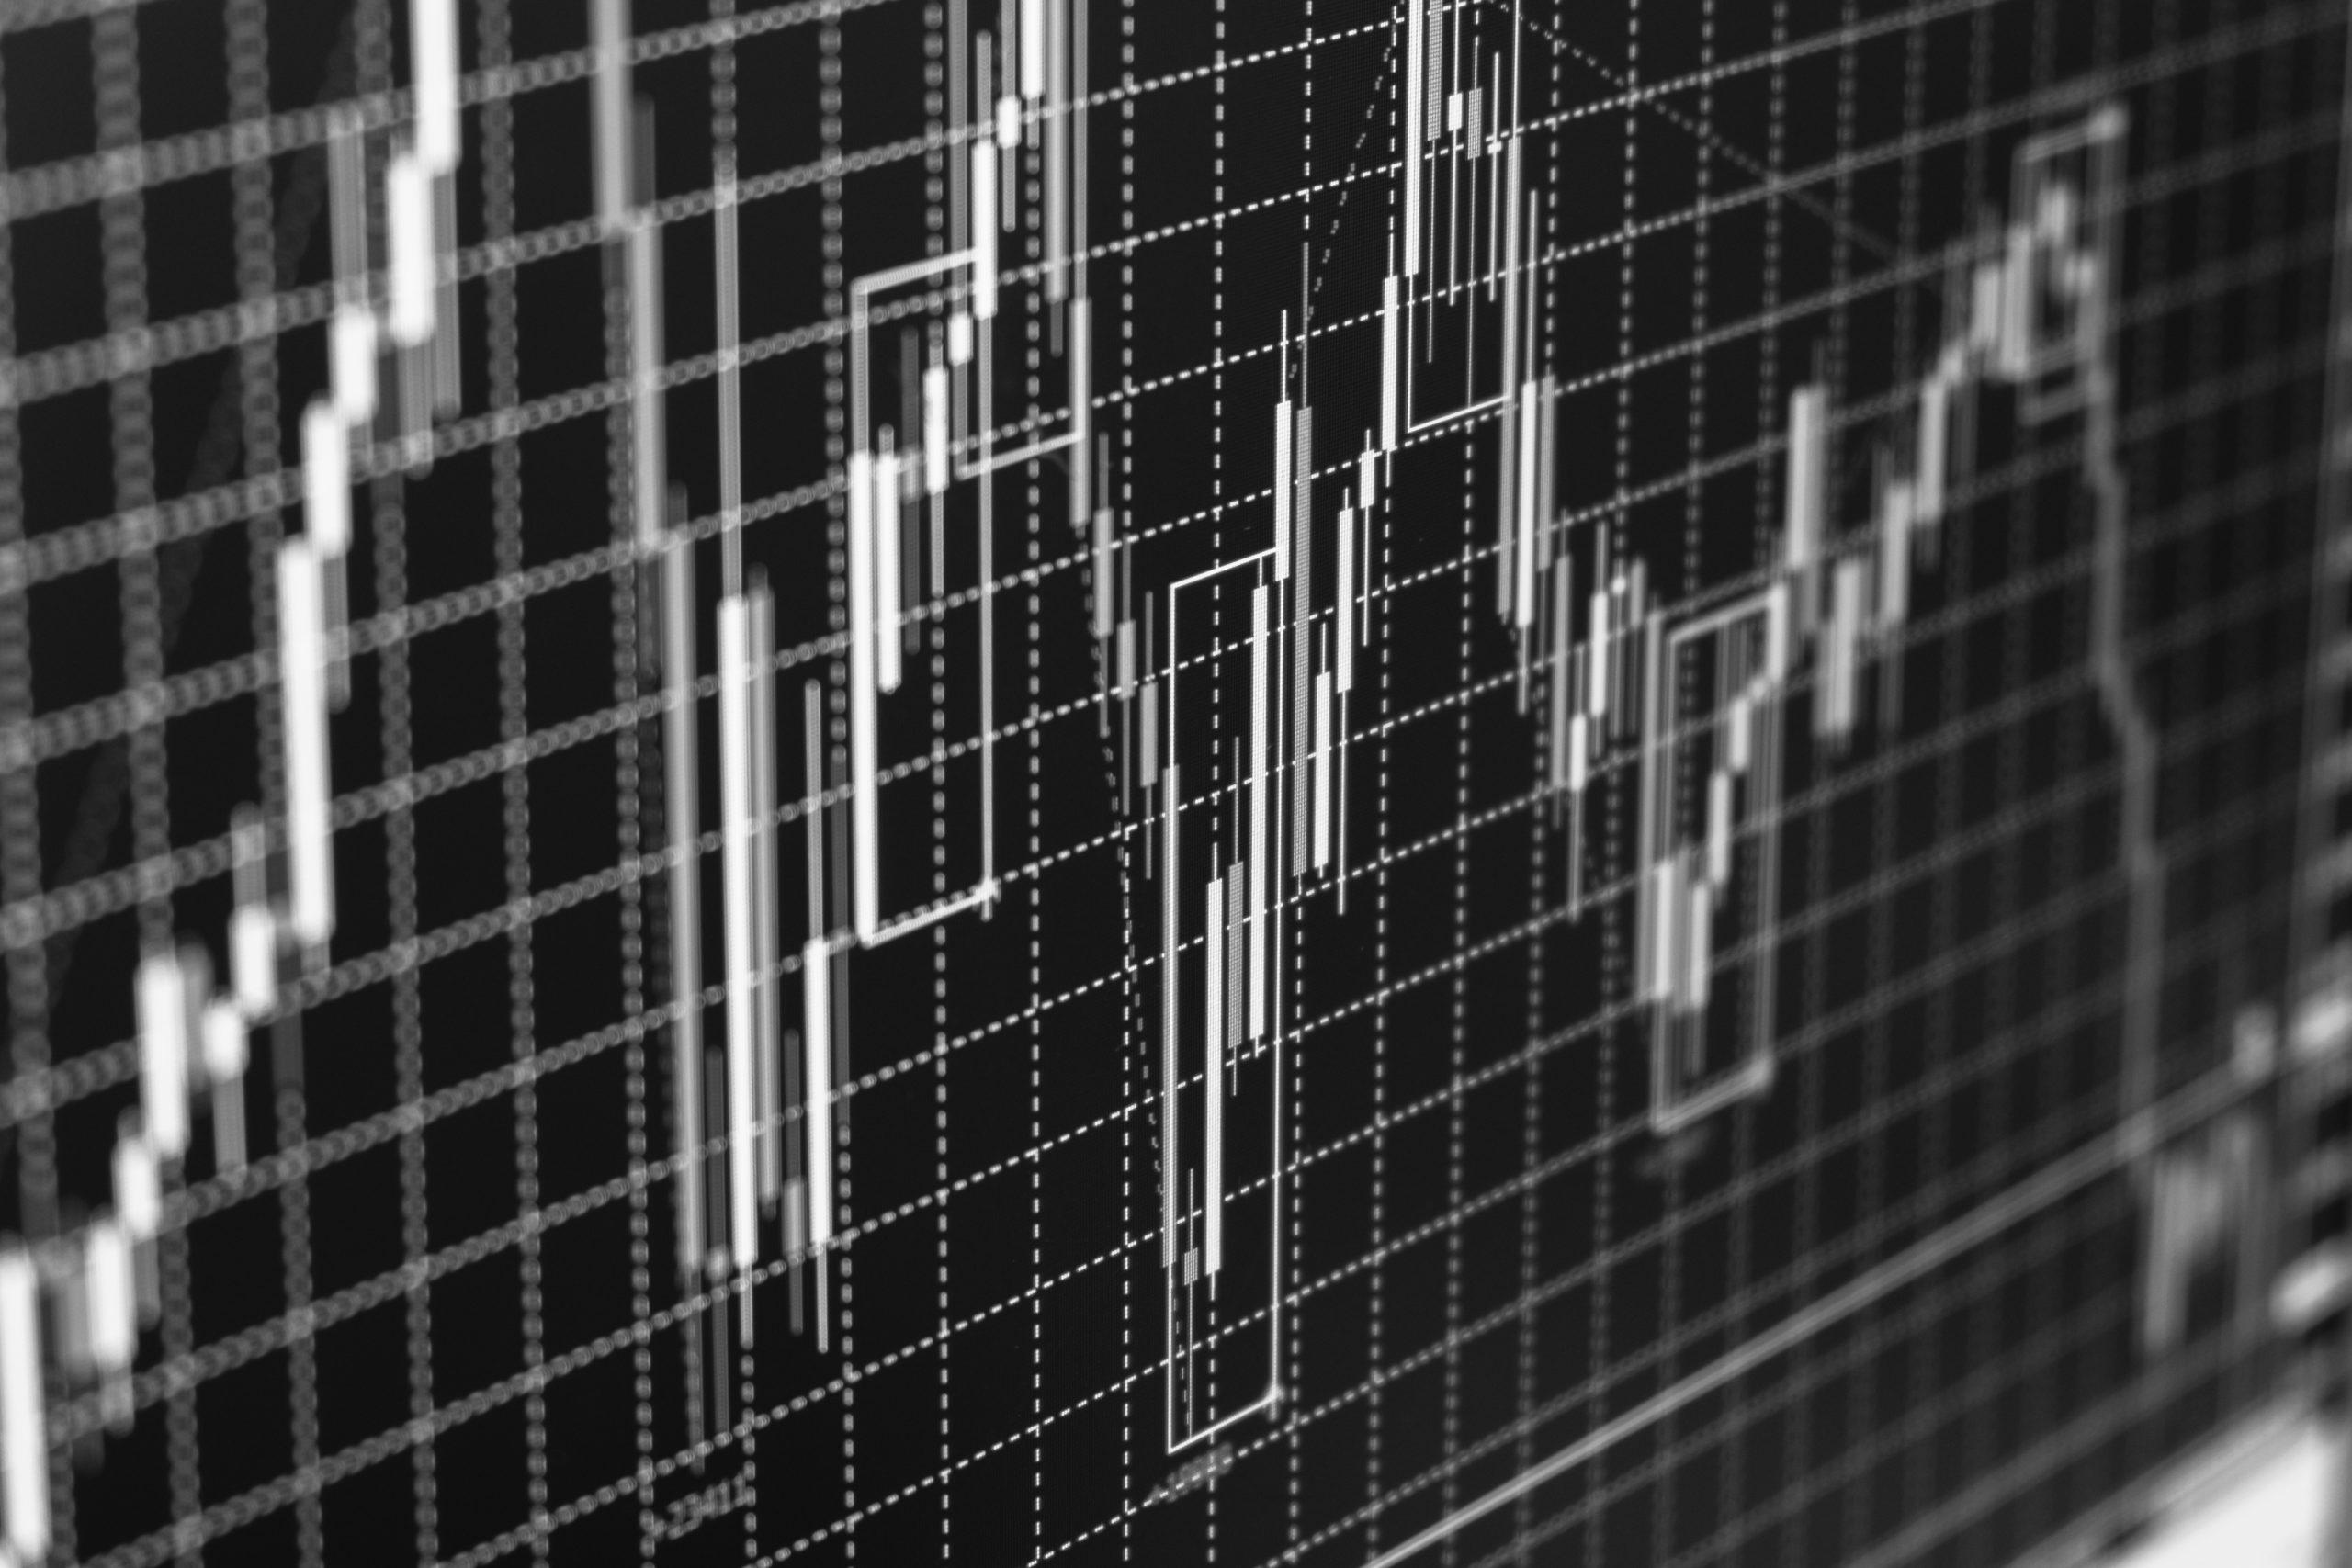 ייצוג ג'י.פי. גלובל פאוור בהנפקת מניות לציבור